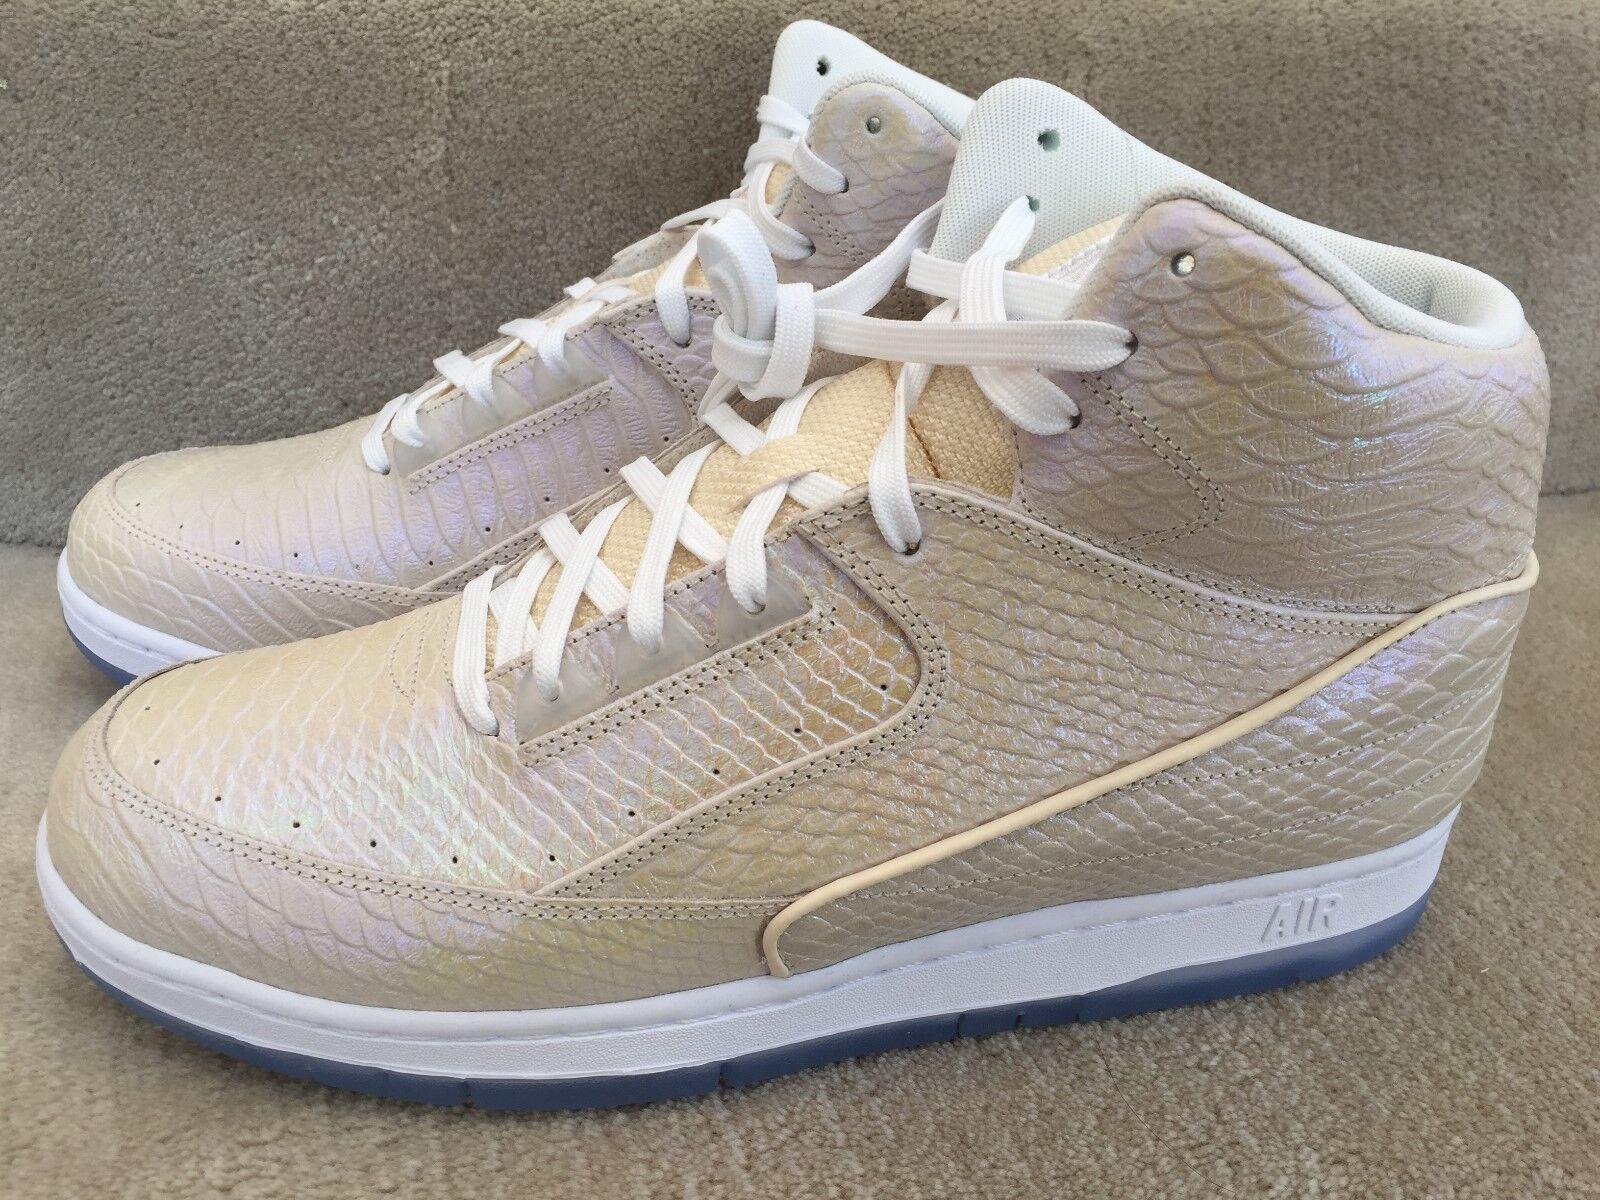 Nike air python sonodiventate pearl white pearl 705066 101 46 nuovi in scatola blu